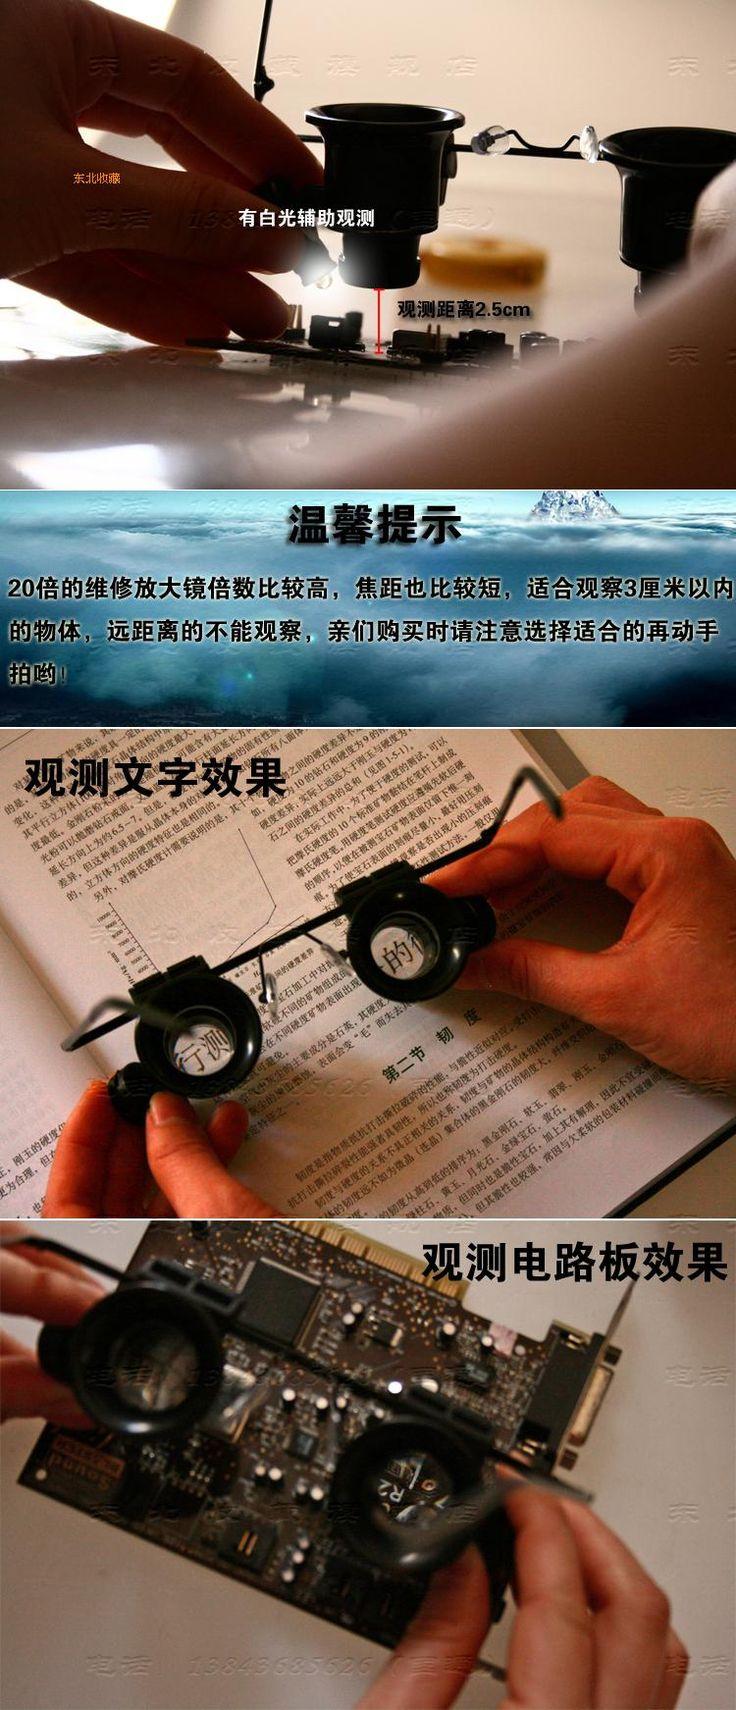 20 бинокулярного увеличитель увеличительного стекла типа белых светодиодных лампы обслуживание увеличительное стекло бис - Глобальные станции Taobao